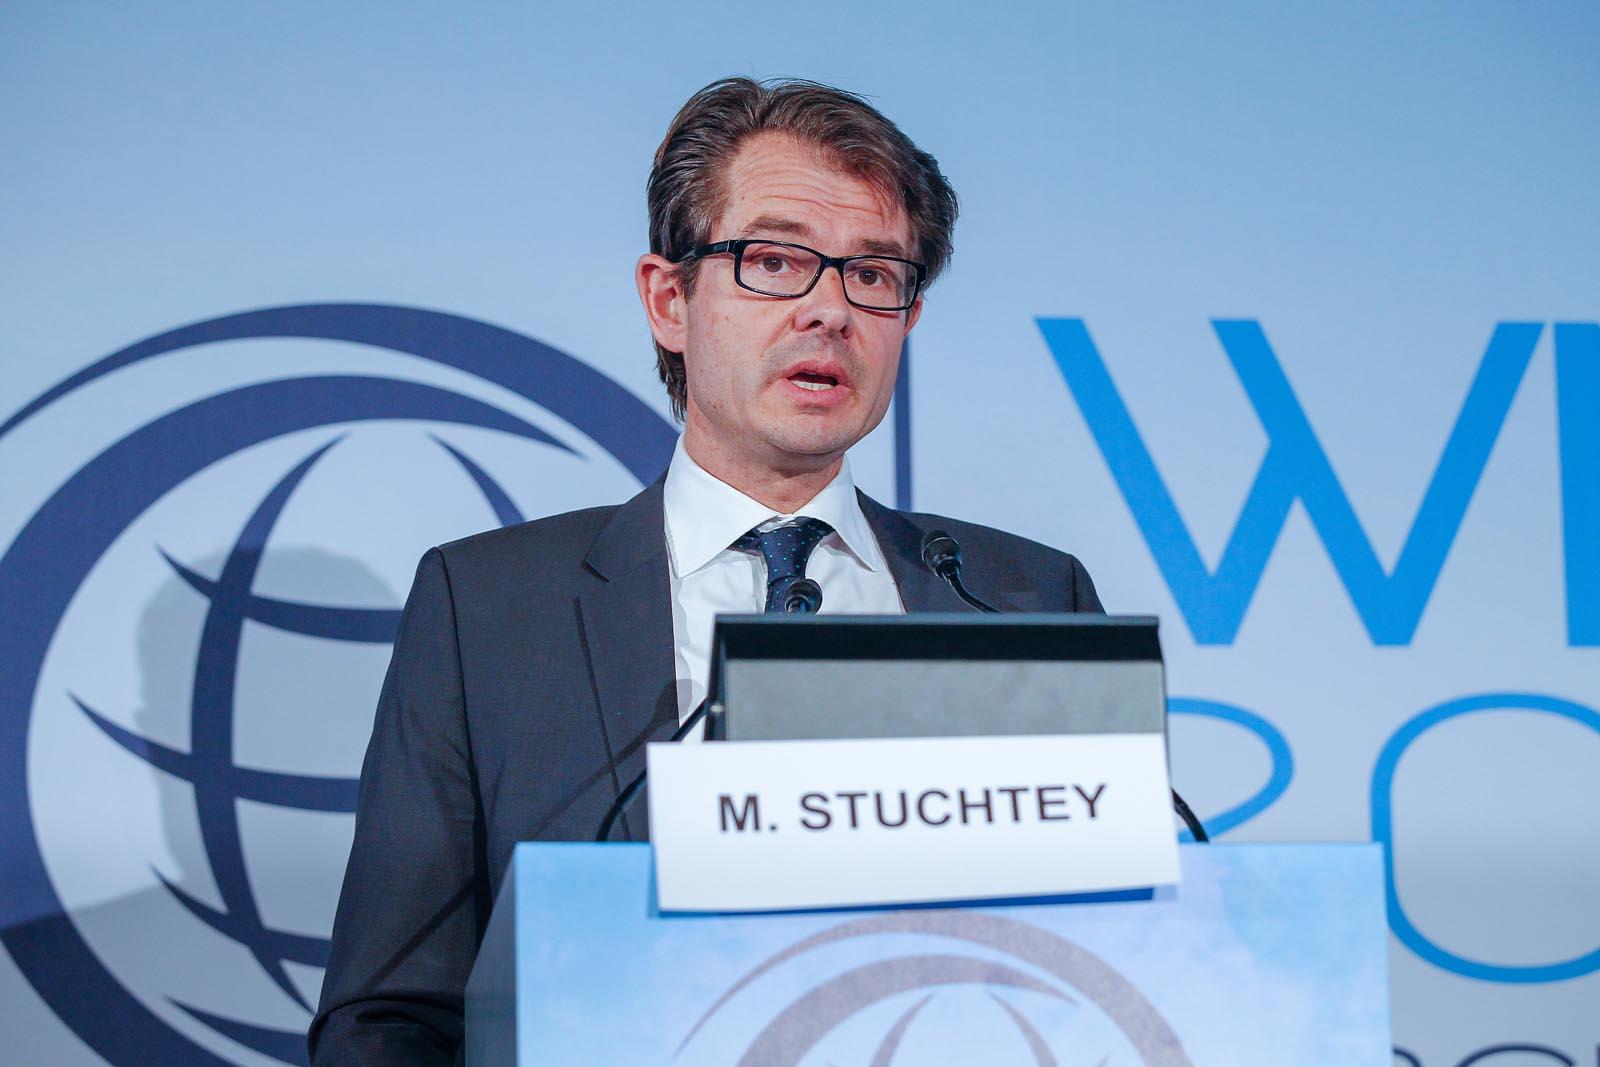 Martin Stuchtey